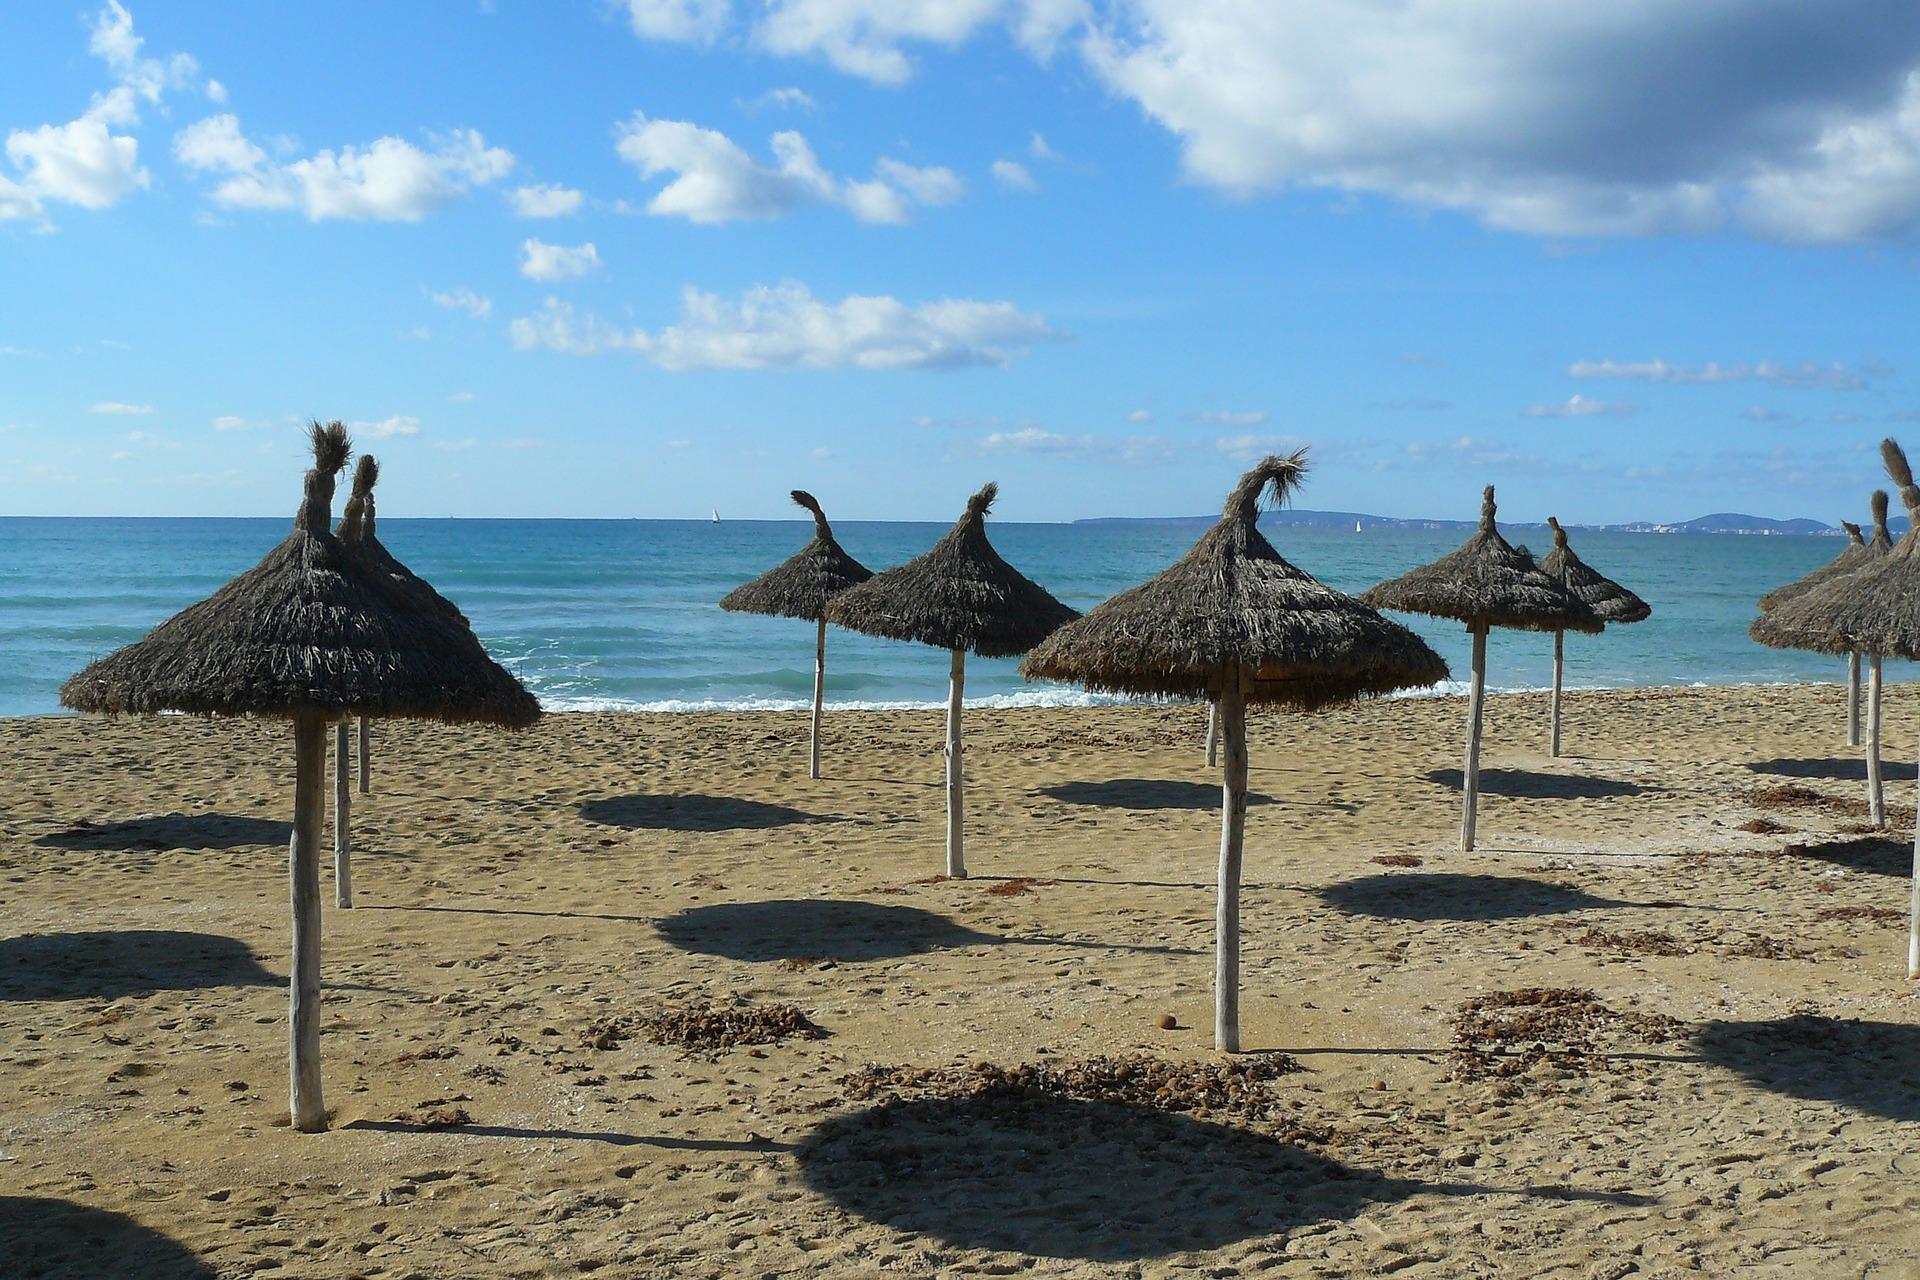 El Arenal Pauschalreise - ab 185,00€ eine Woche